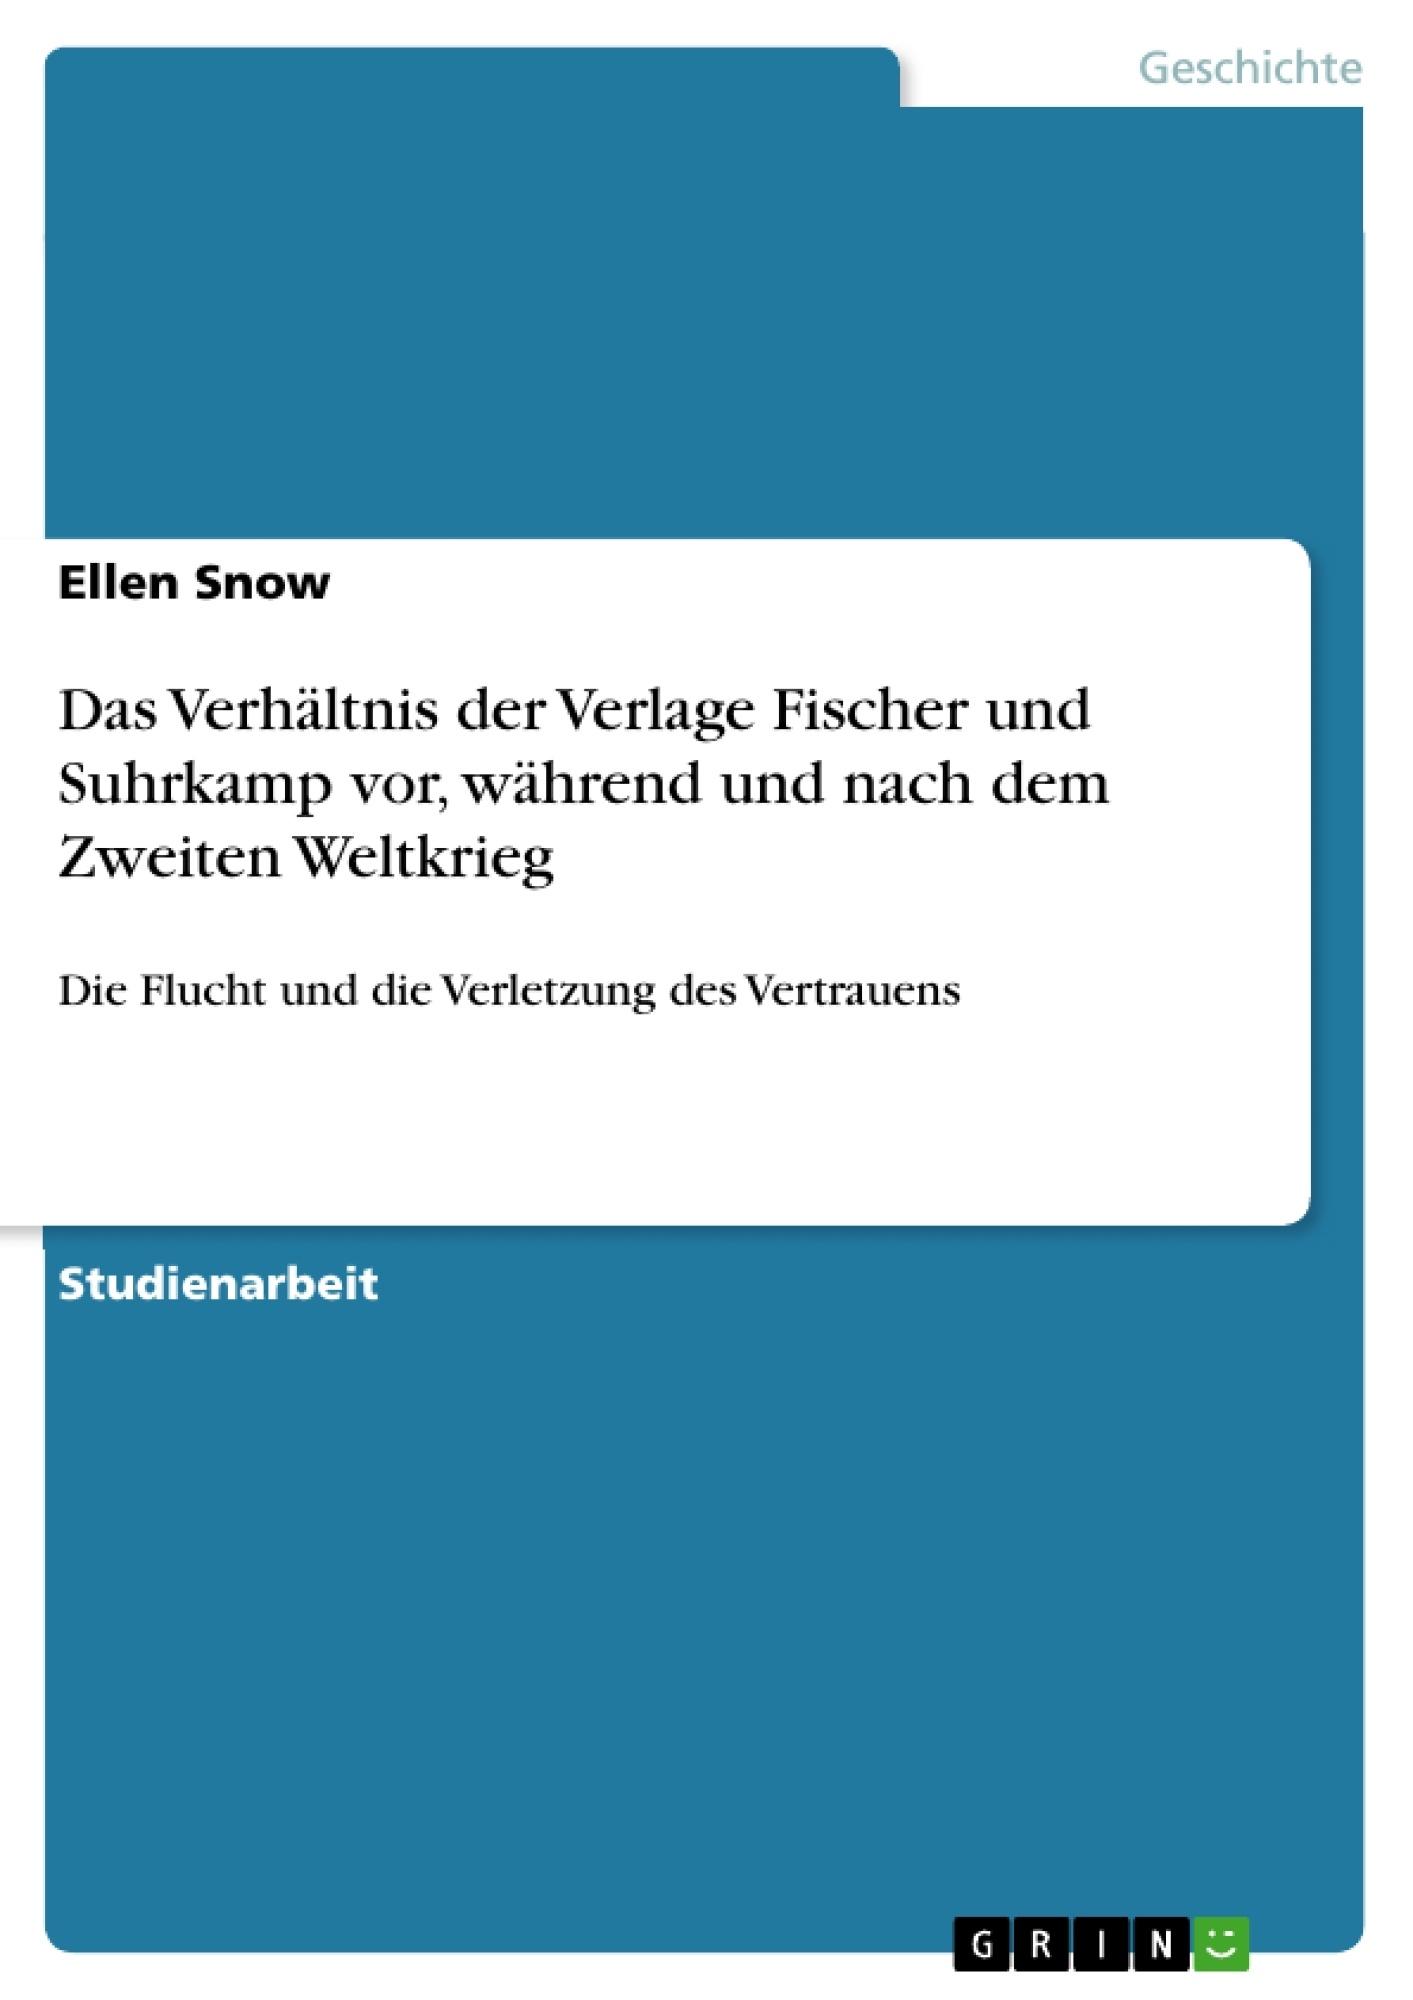 Titel: Das Verhältnis der Verlage Fischer und Suhrkamp vor, während und nach dem Zweiten Weltkrieg